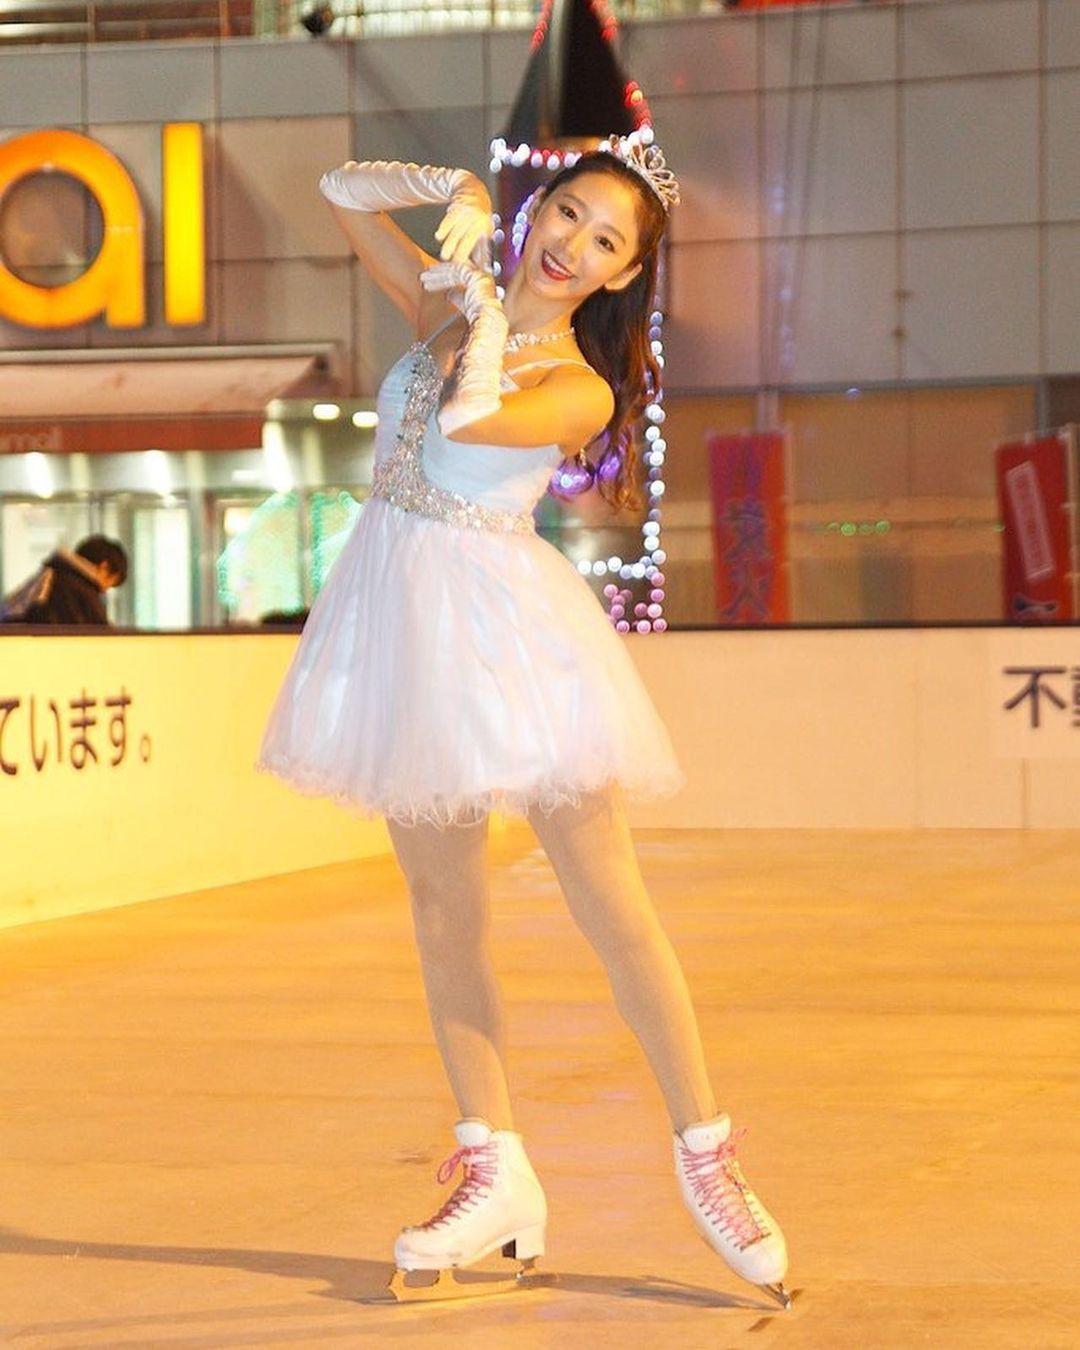 sawayama_rina087.jpg